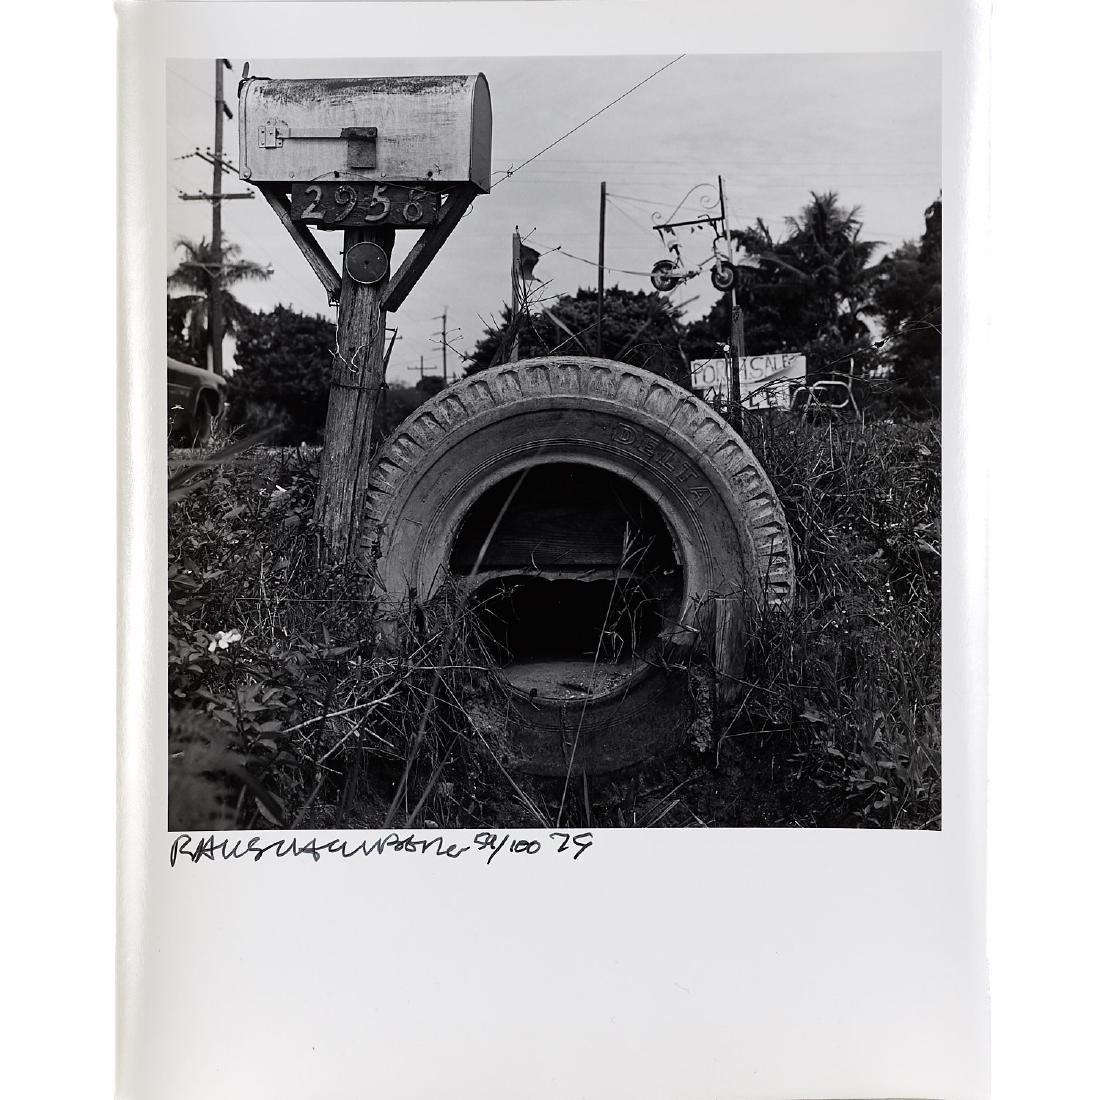 Robert Rauschenberg, Mailbox and Tire, 1979